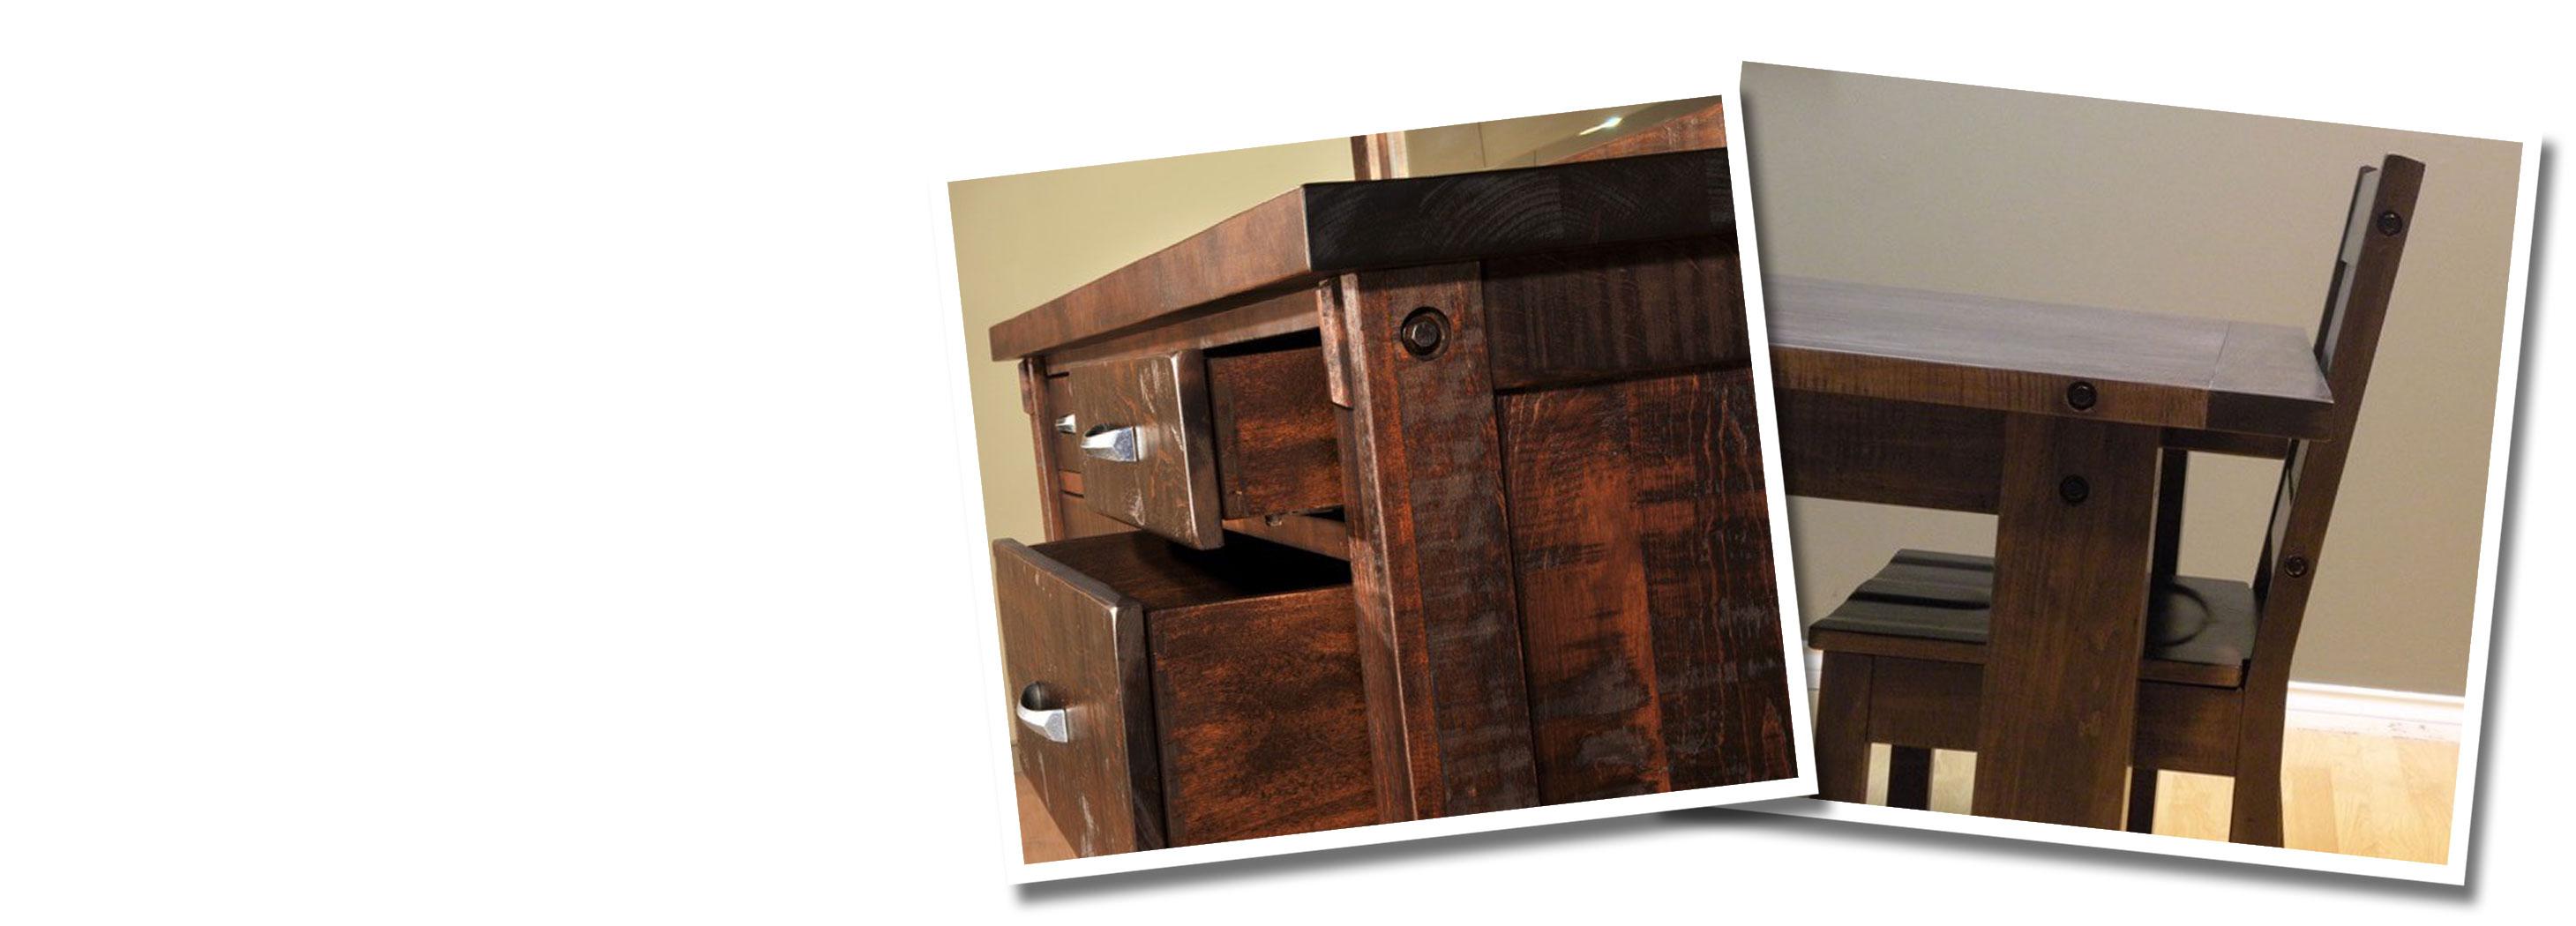 solid wood furniture, made in canada, sale, furniture sale